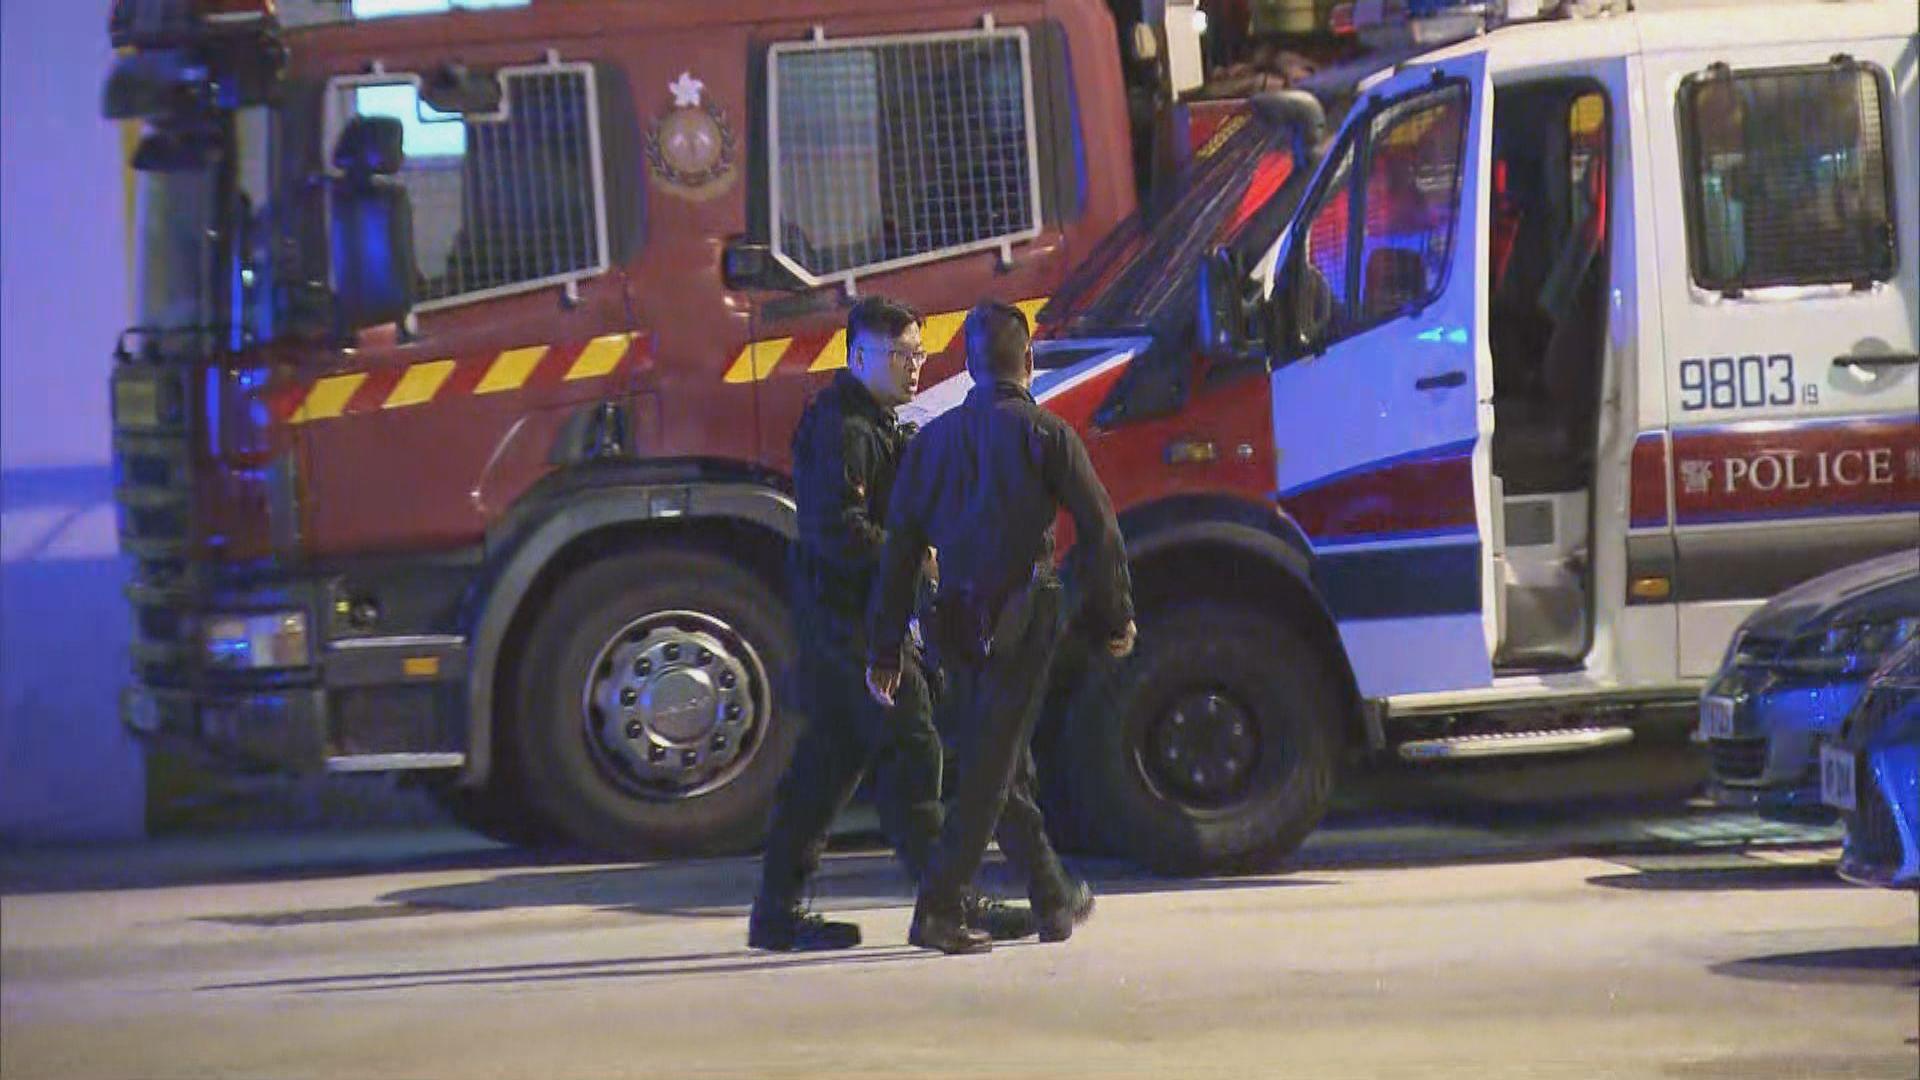 警方在馬鞍山一中學檢懷疑爆炸品拘兩人